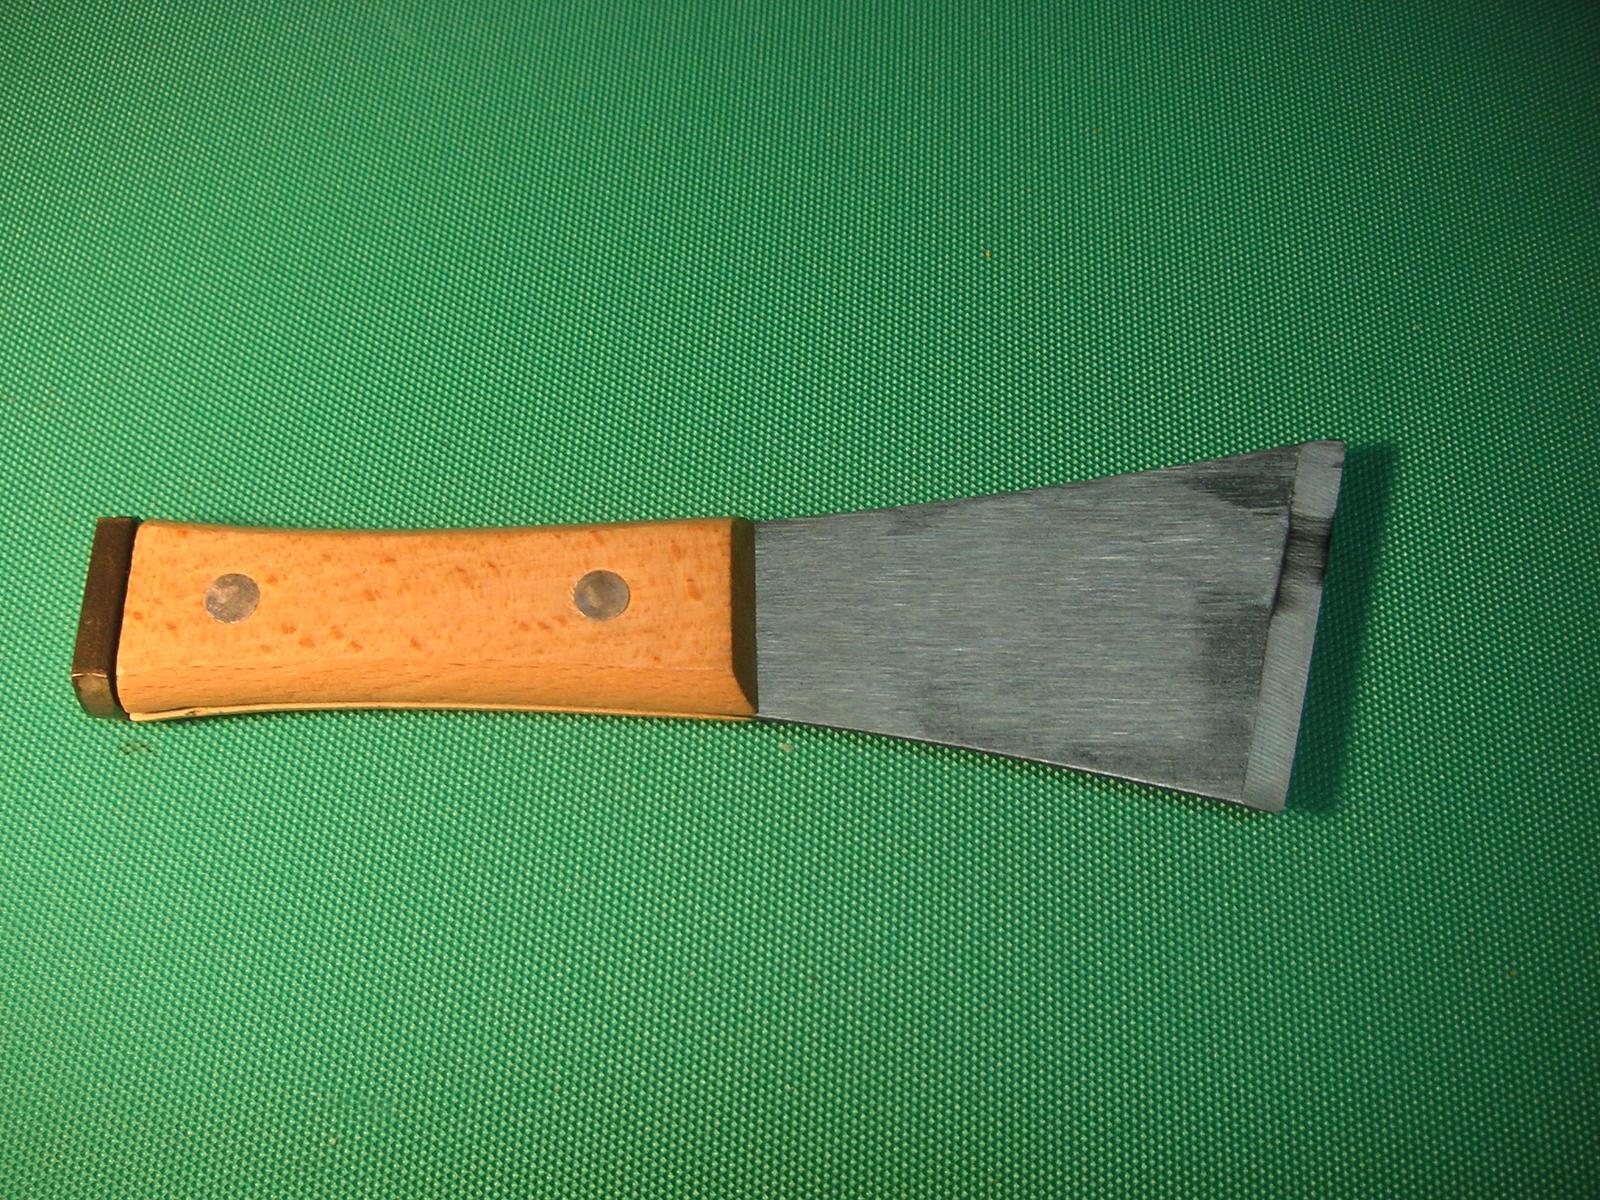 ハガネY型皮スキ 60ミリ(ヘッド付) 02P0...の商品画像